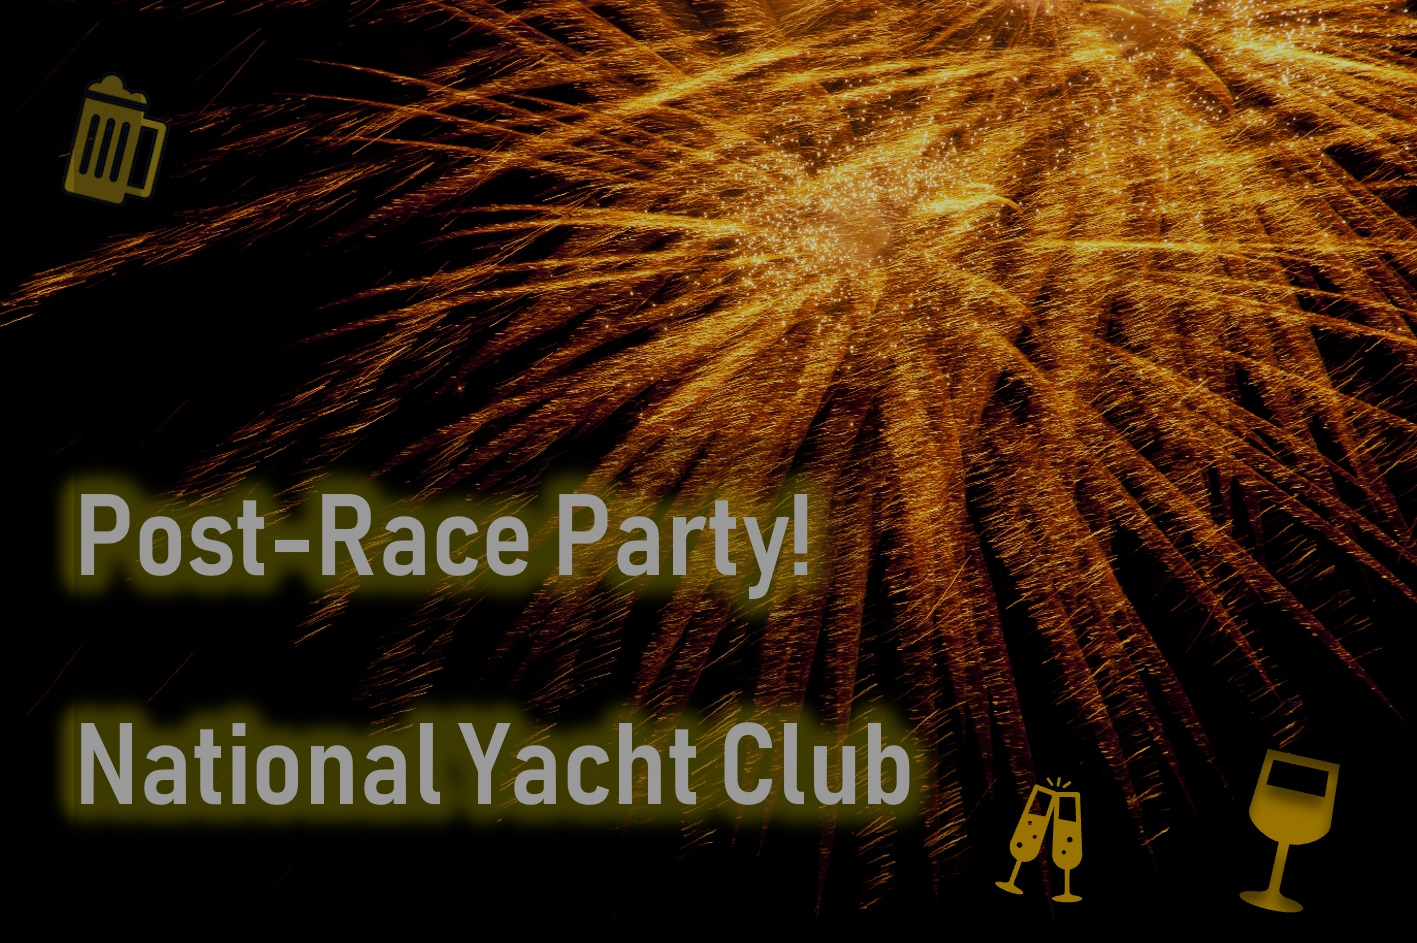 PartyNationalYC